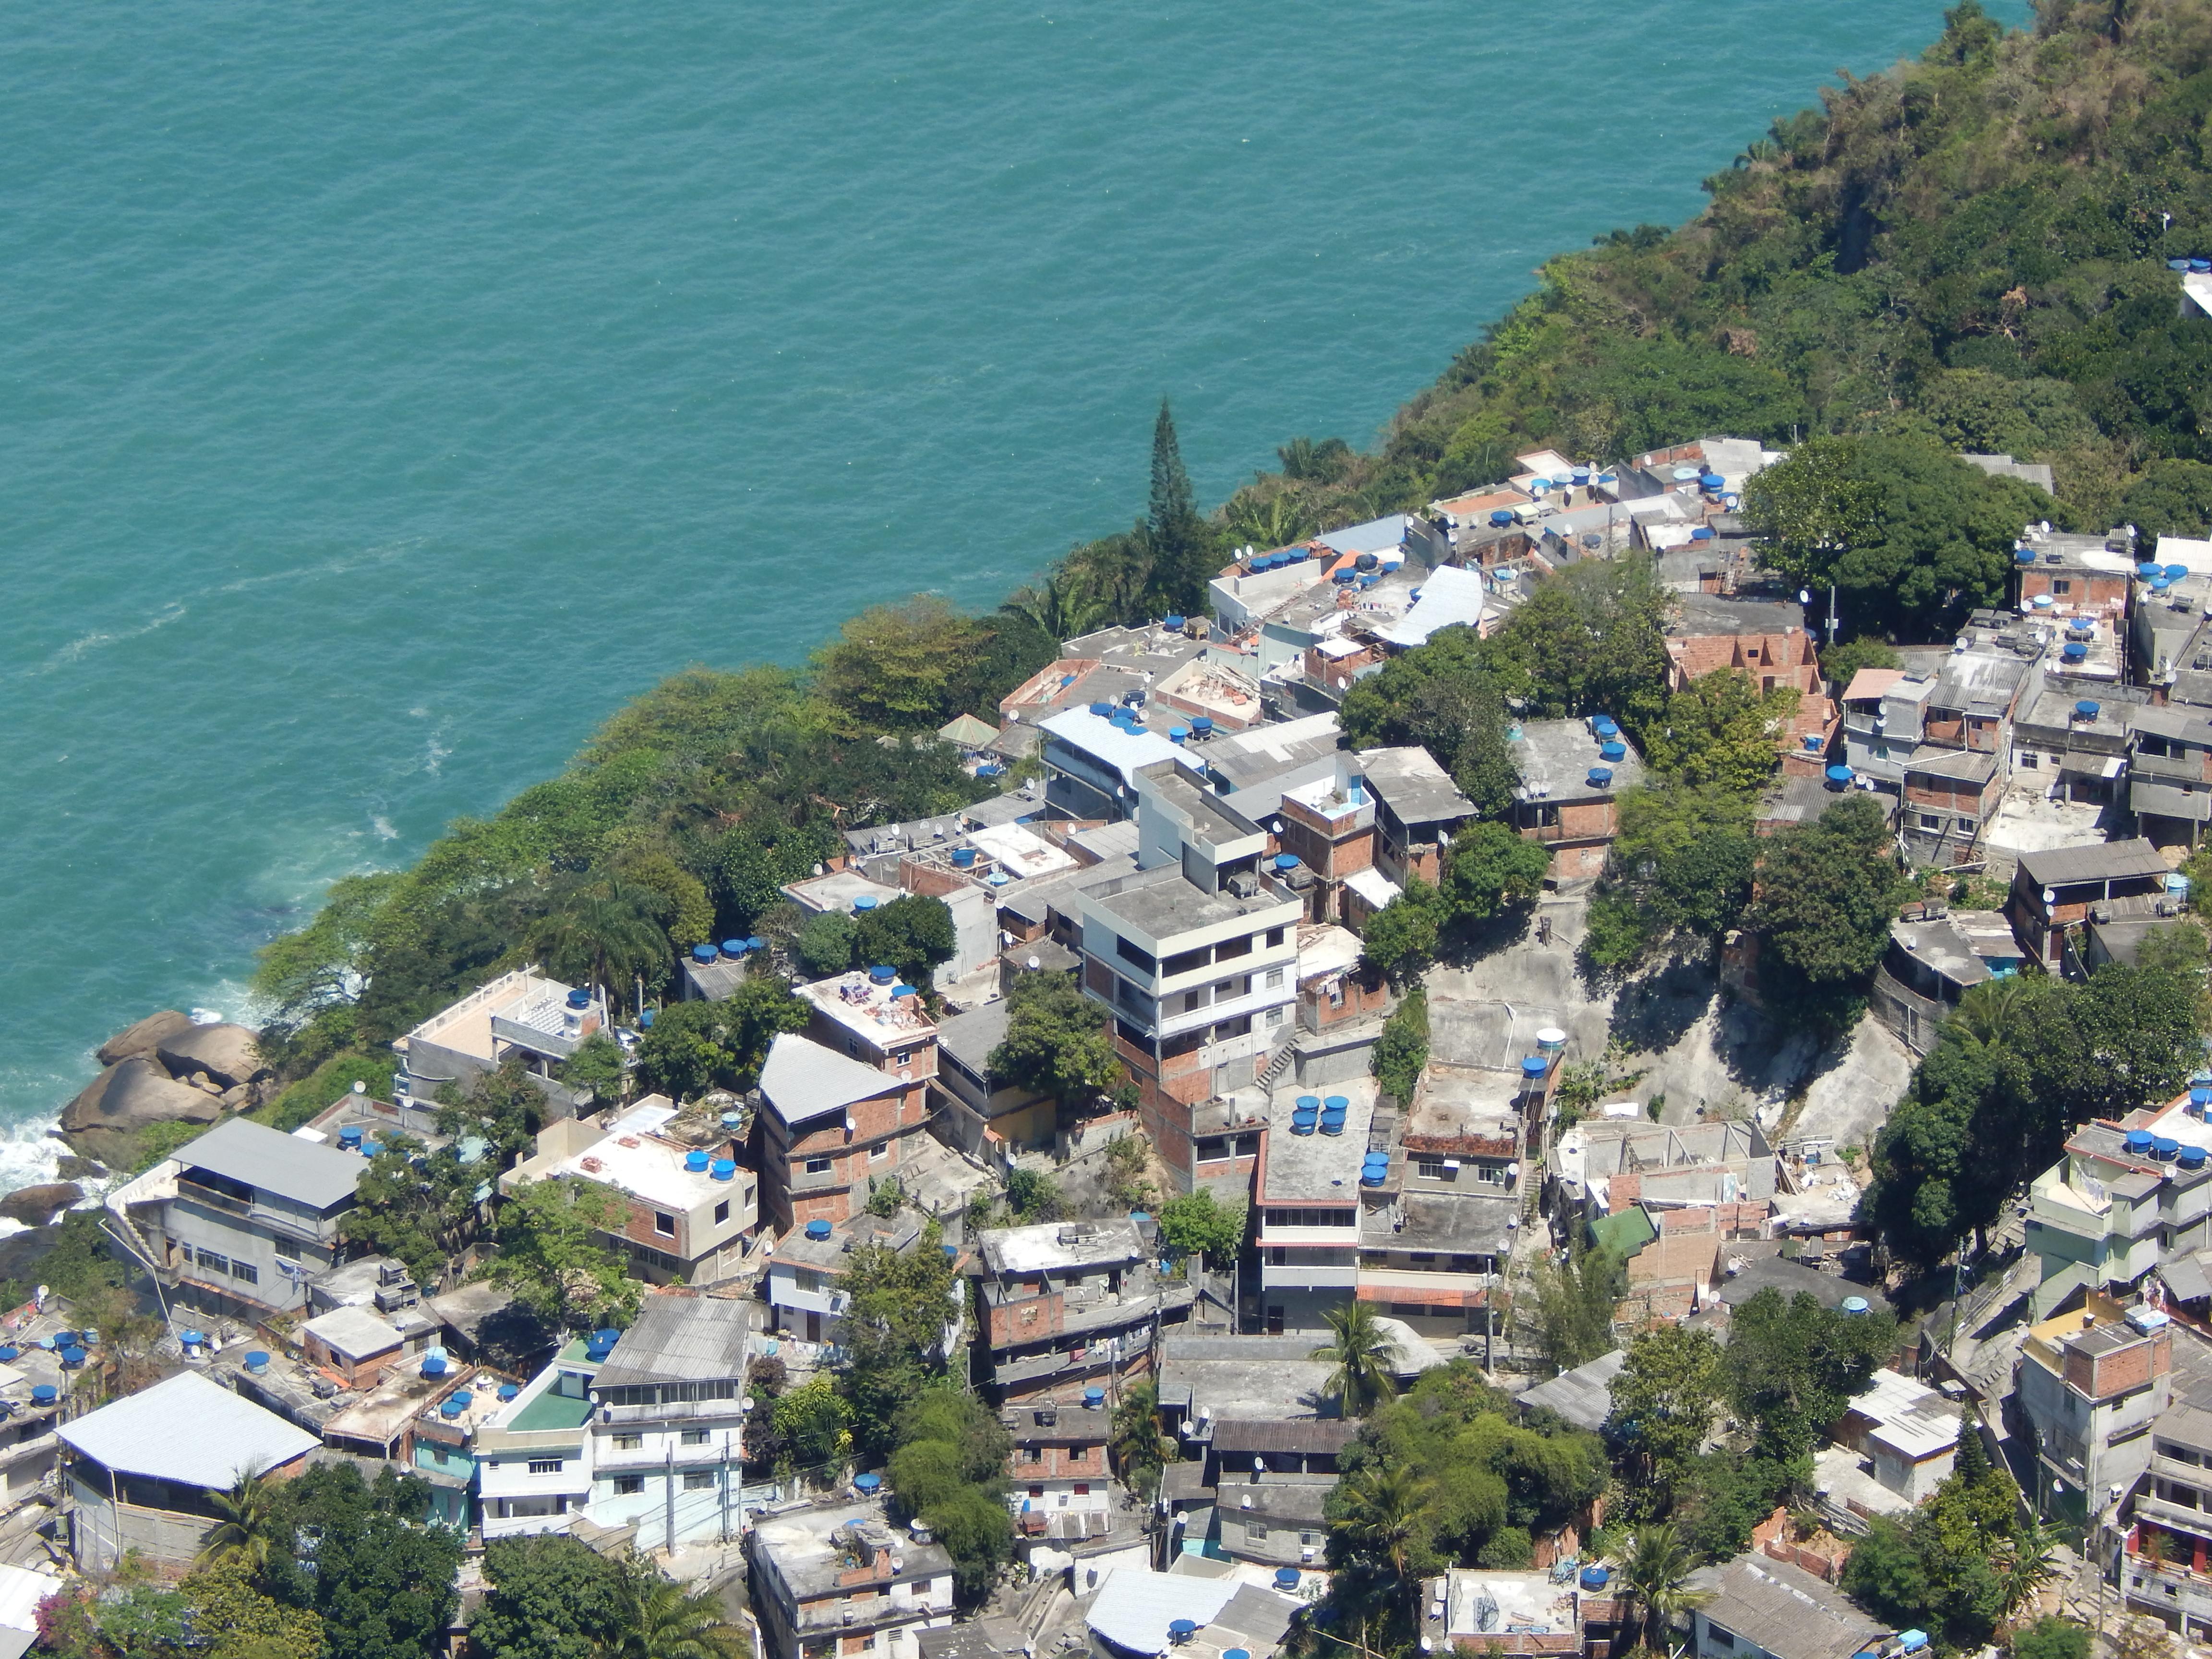 Favela de Vidigal, Vidigal Favela, Rio de Janeiro, Brazil